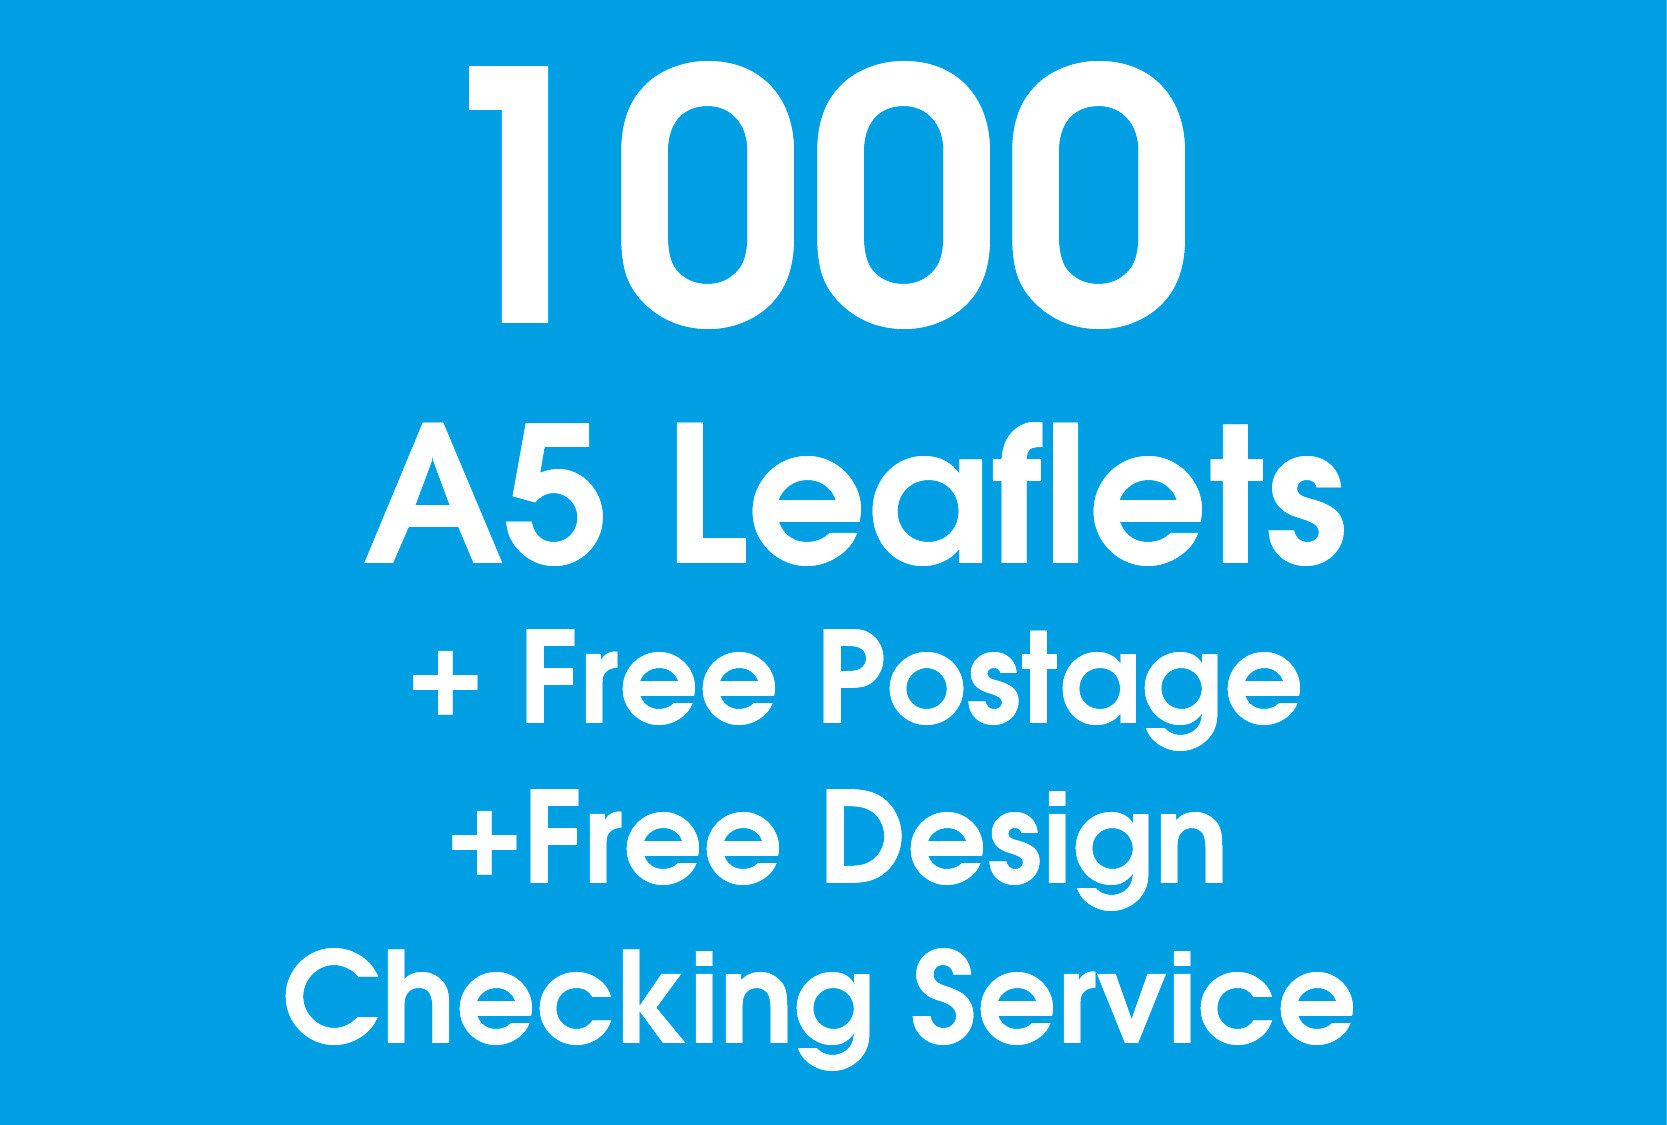 1000 A5 Leaflets_1-01